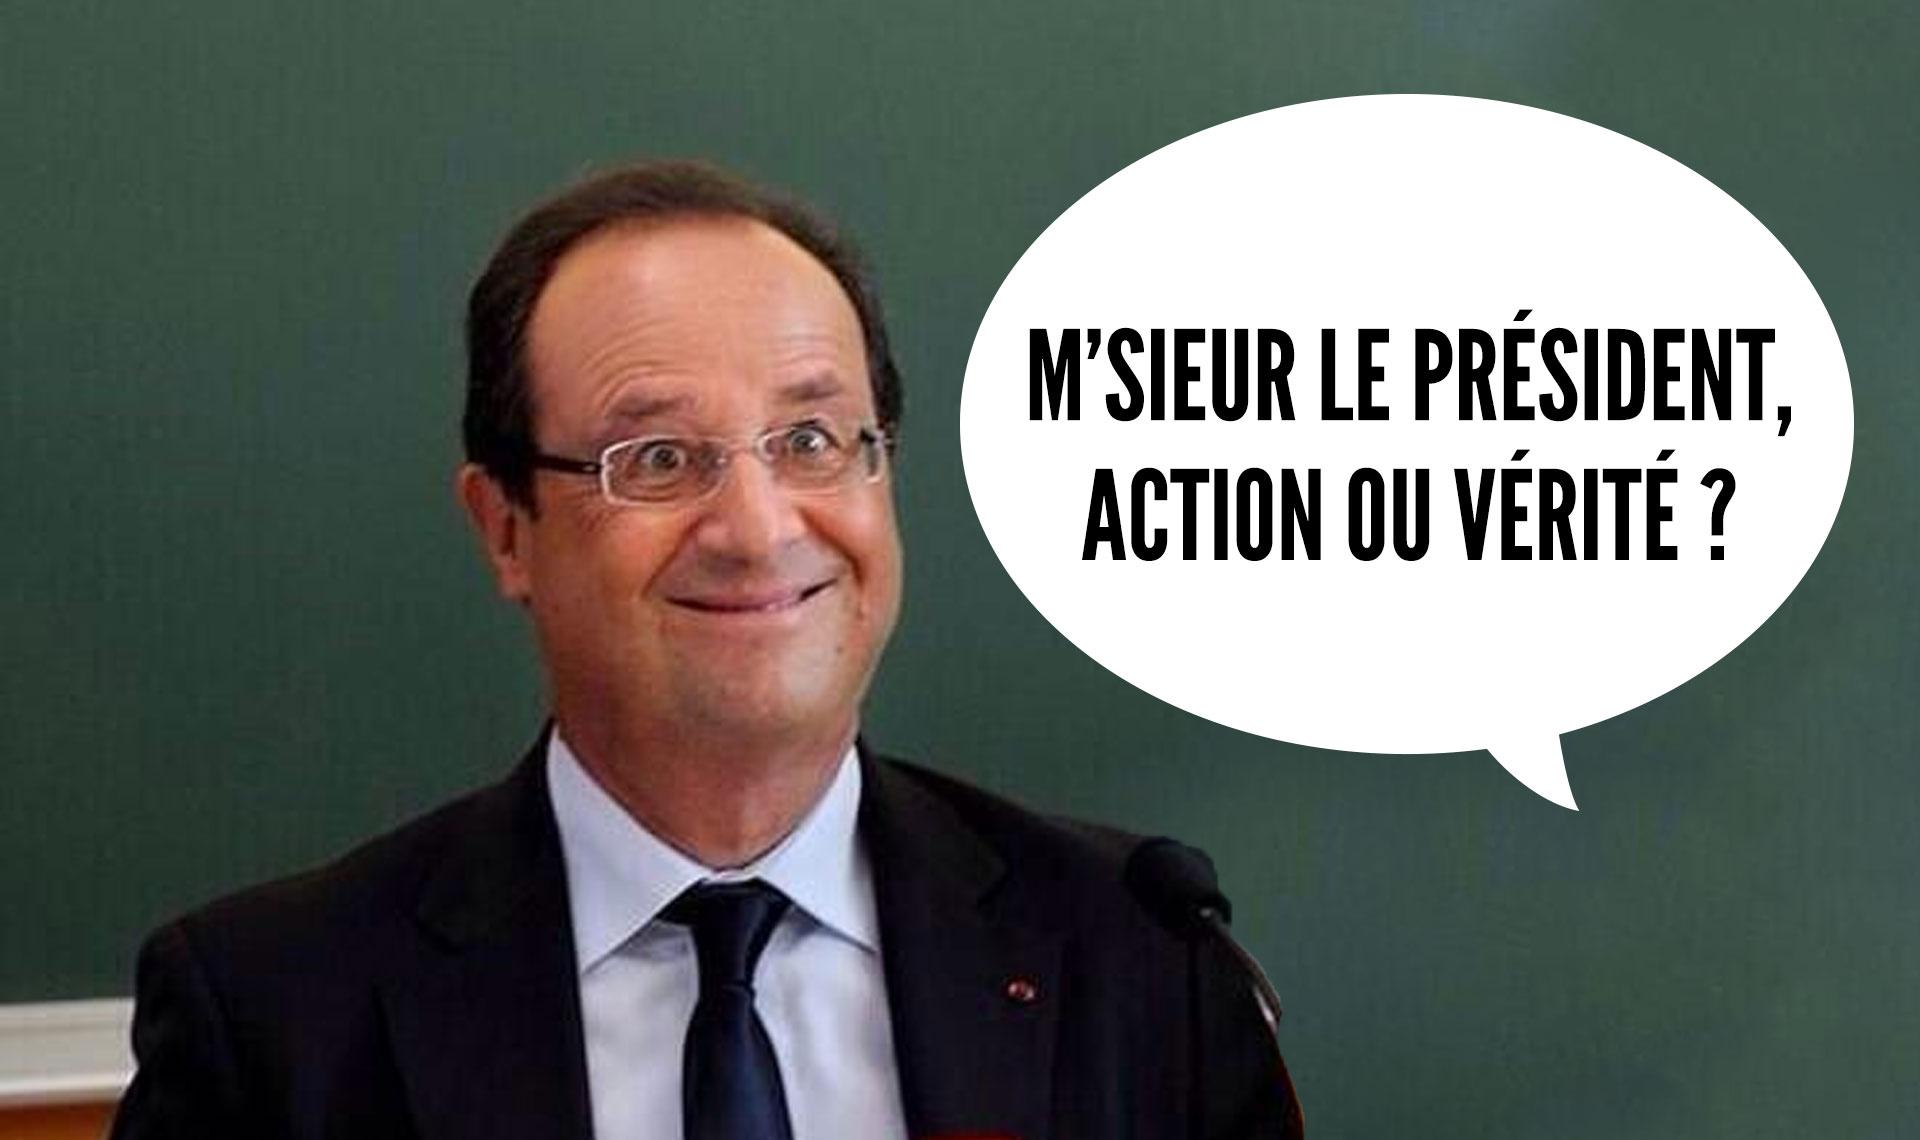 HS : les unes marrantes anti Hollande du journal Le Point  Célibat et vie en